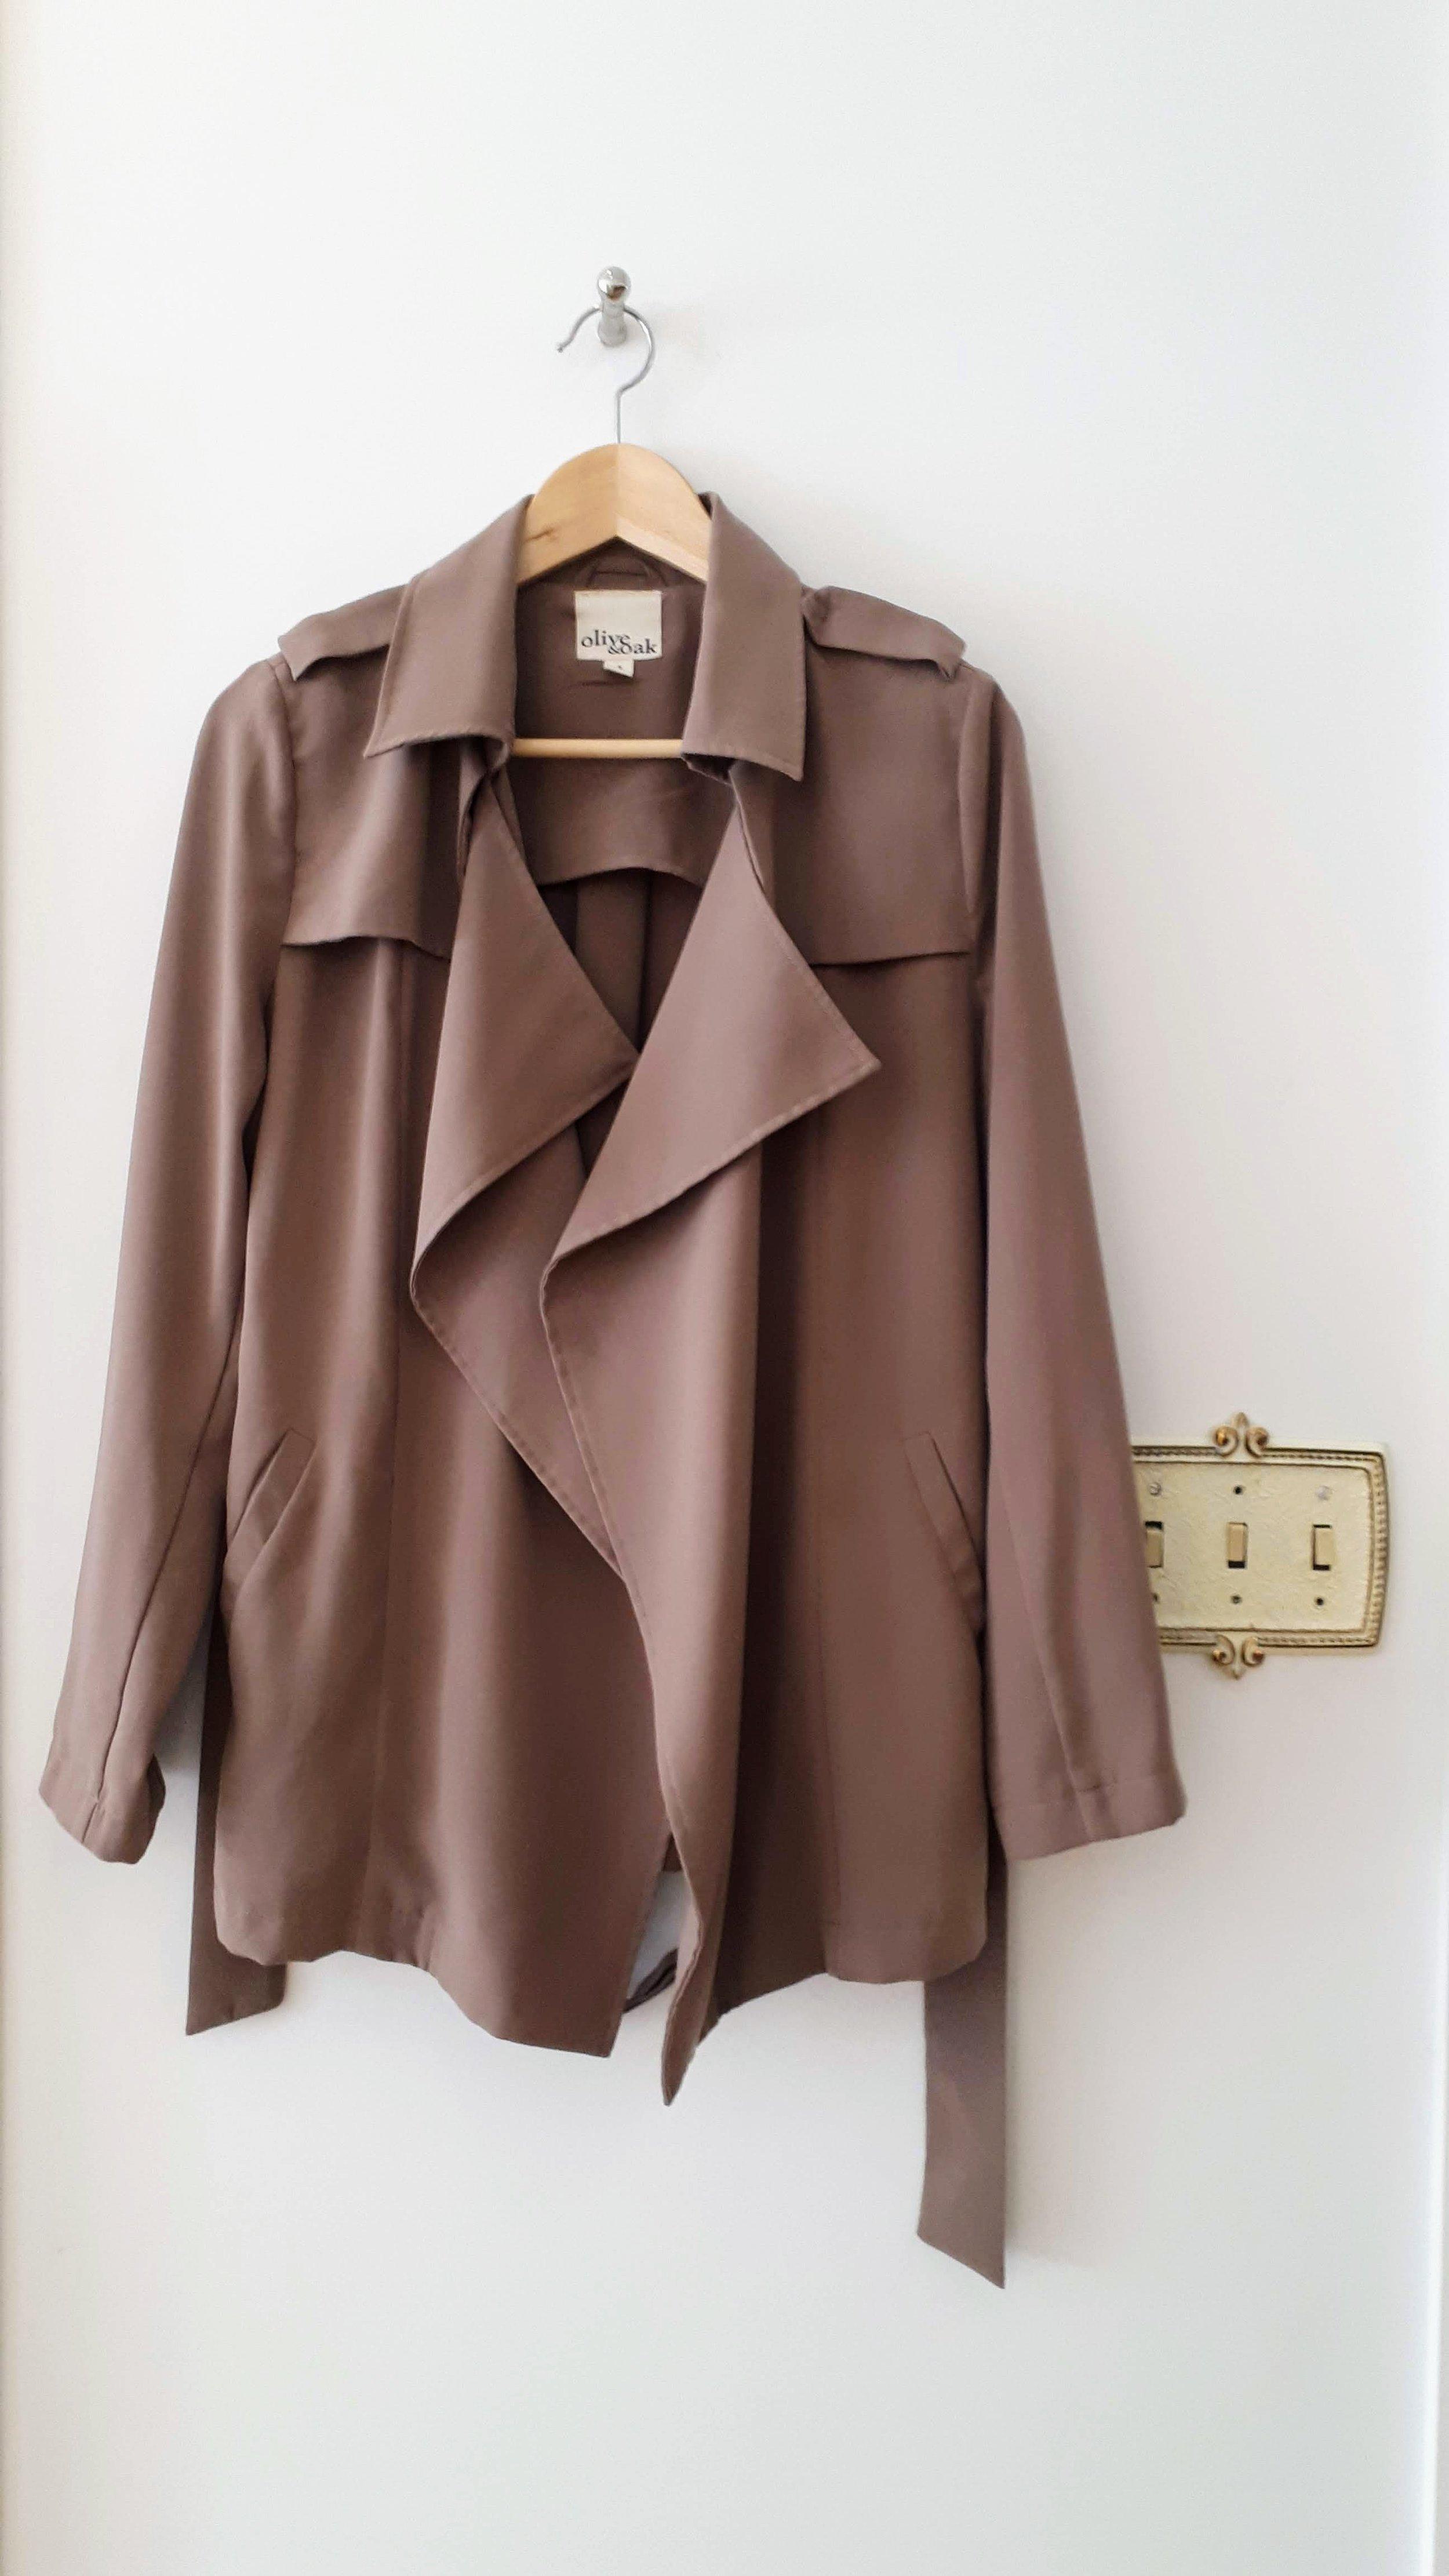 Olive & Oak jacket; Size S, $52